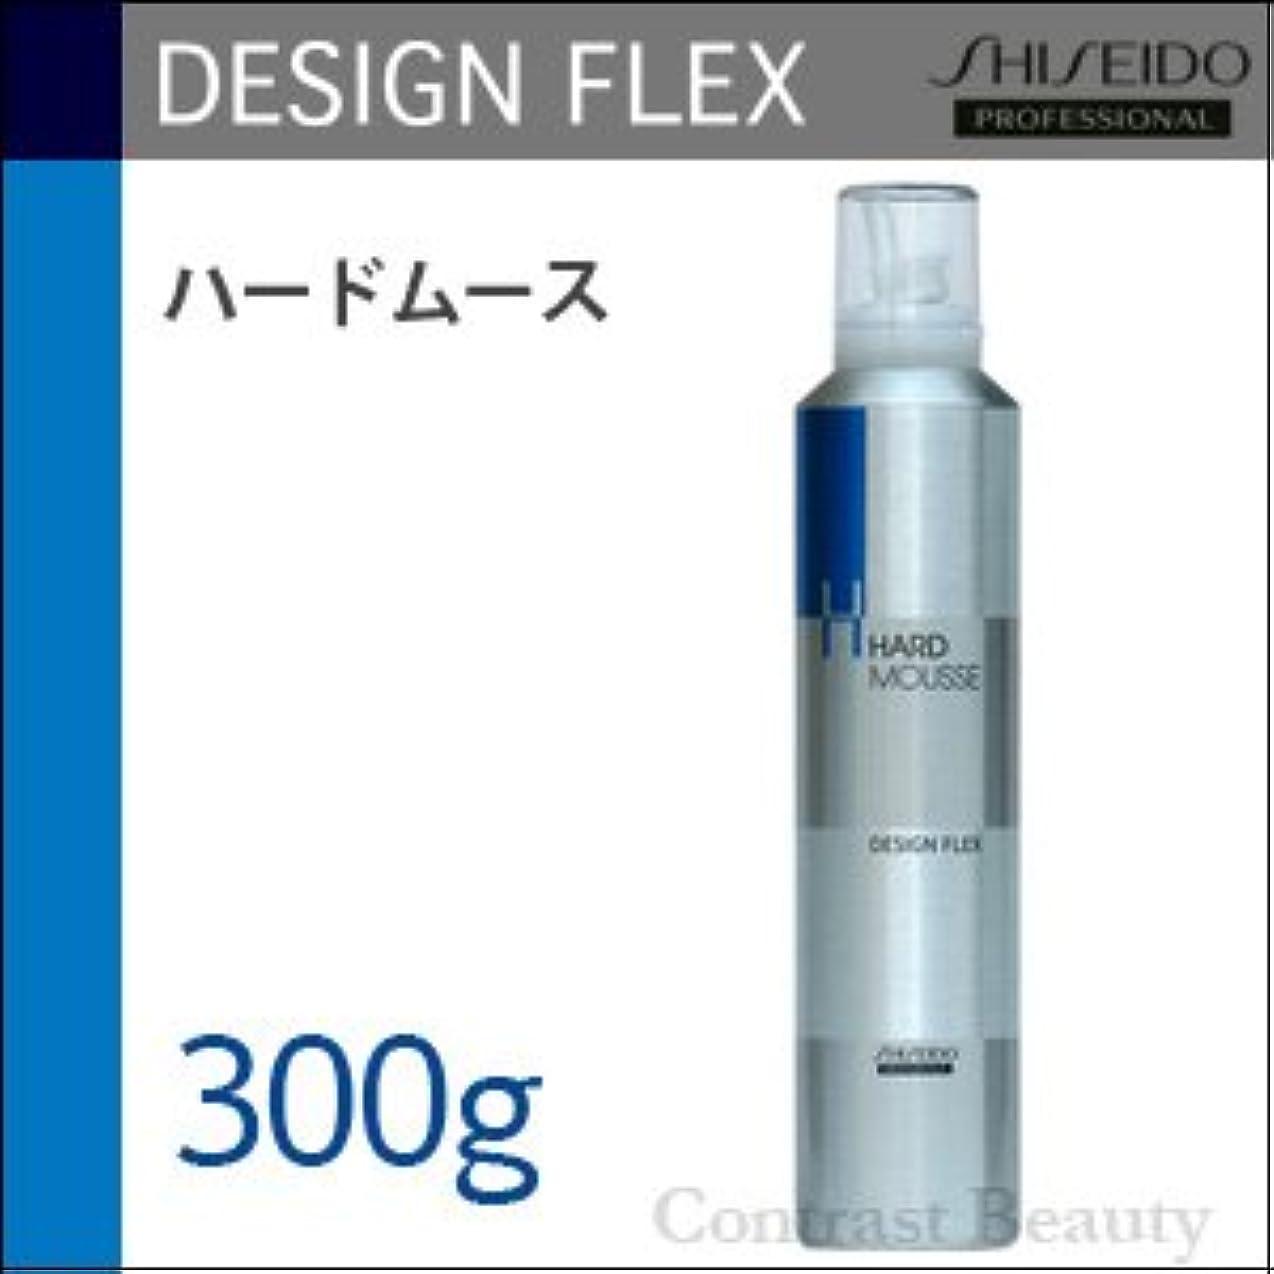 カジュアルぶどう必要【x2個セット】 資生堂 デザインフレックス ハードムース 300g